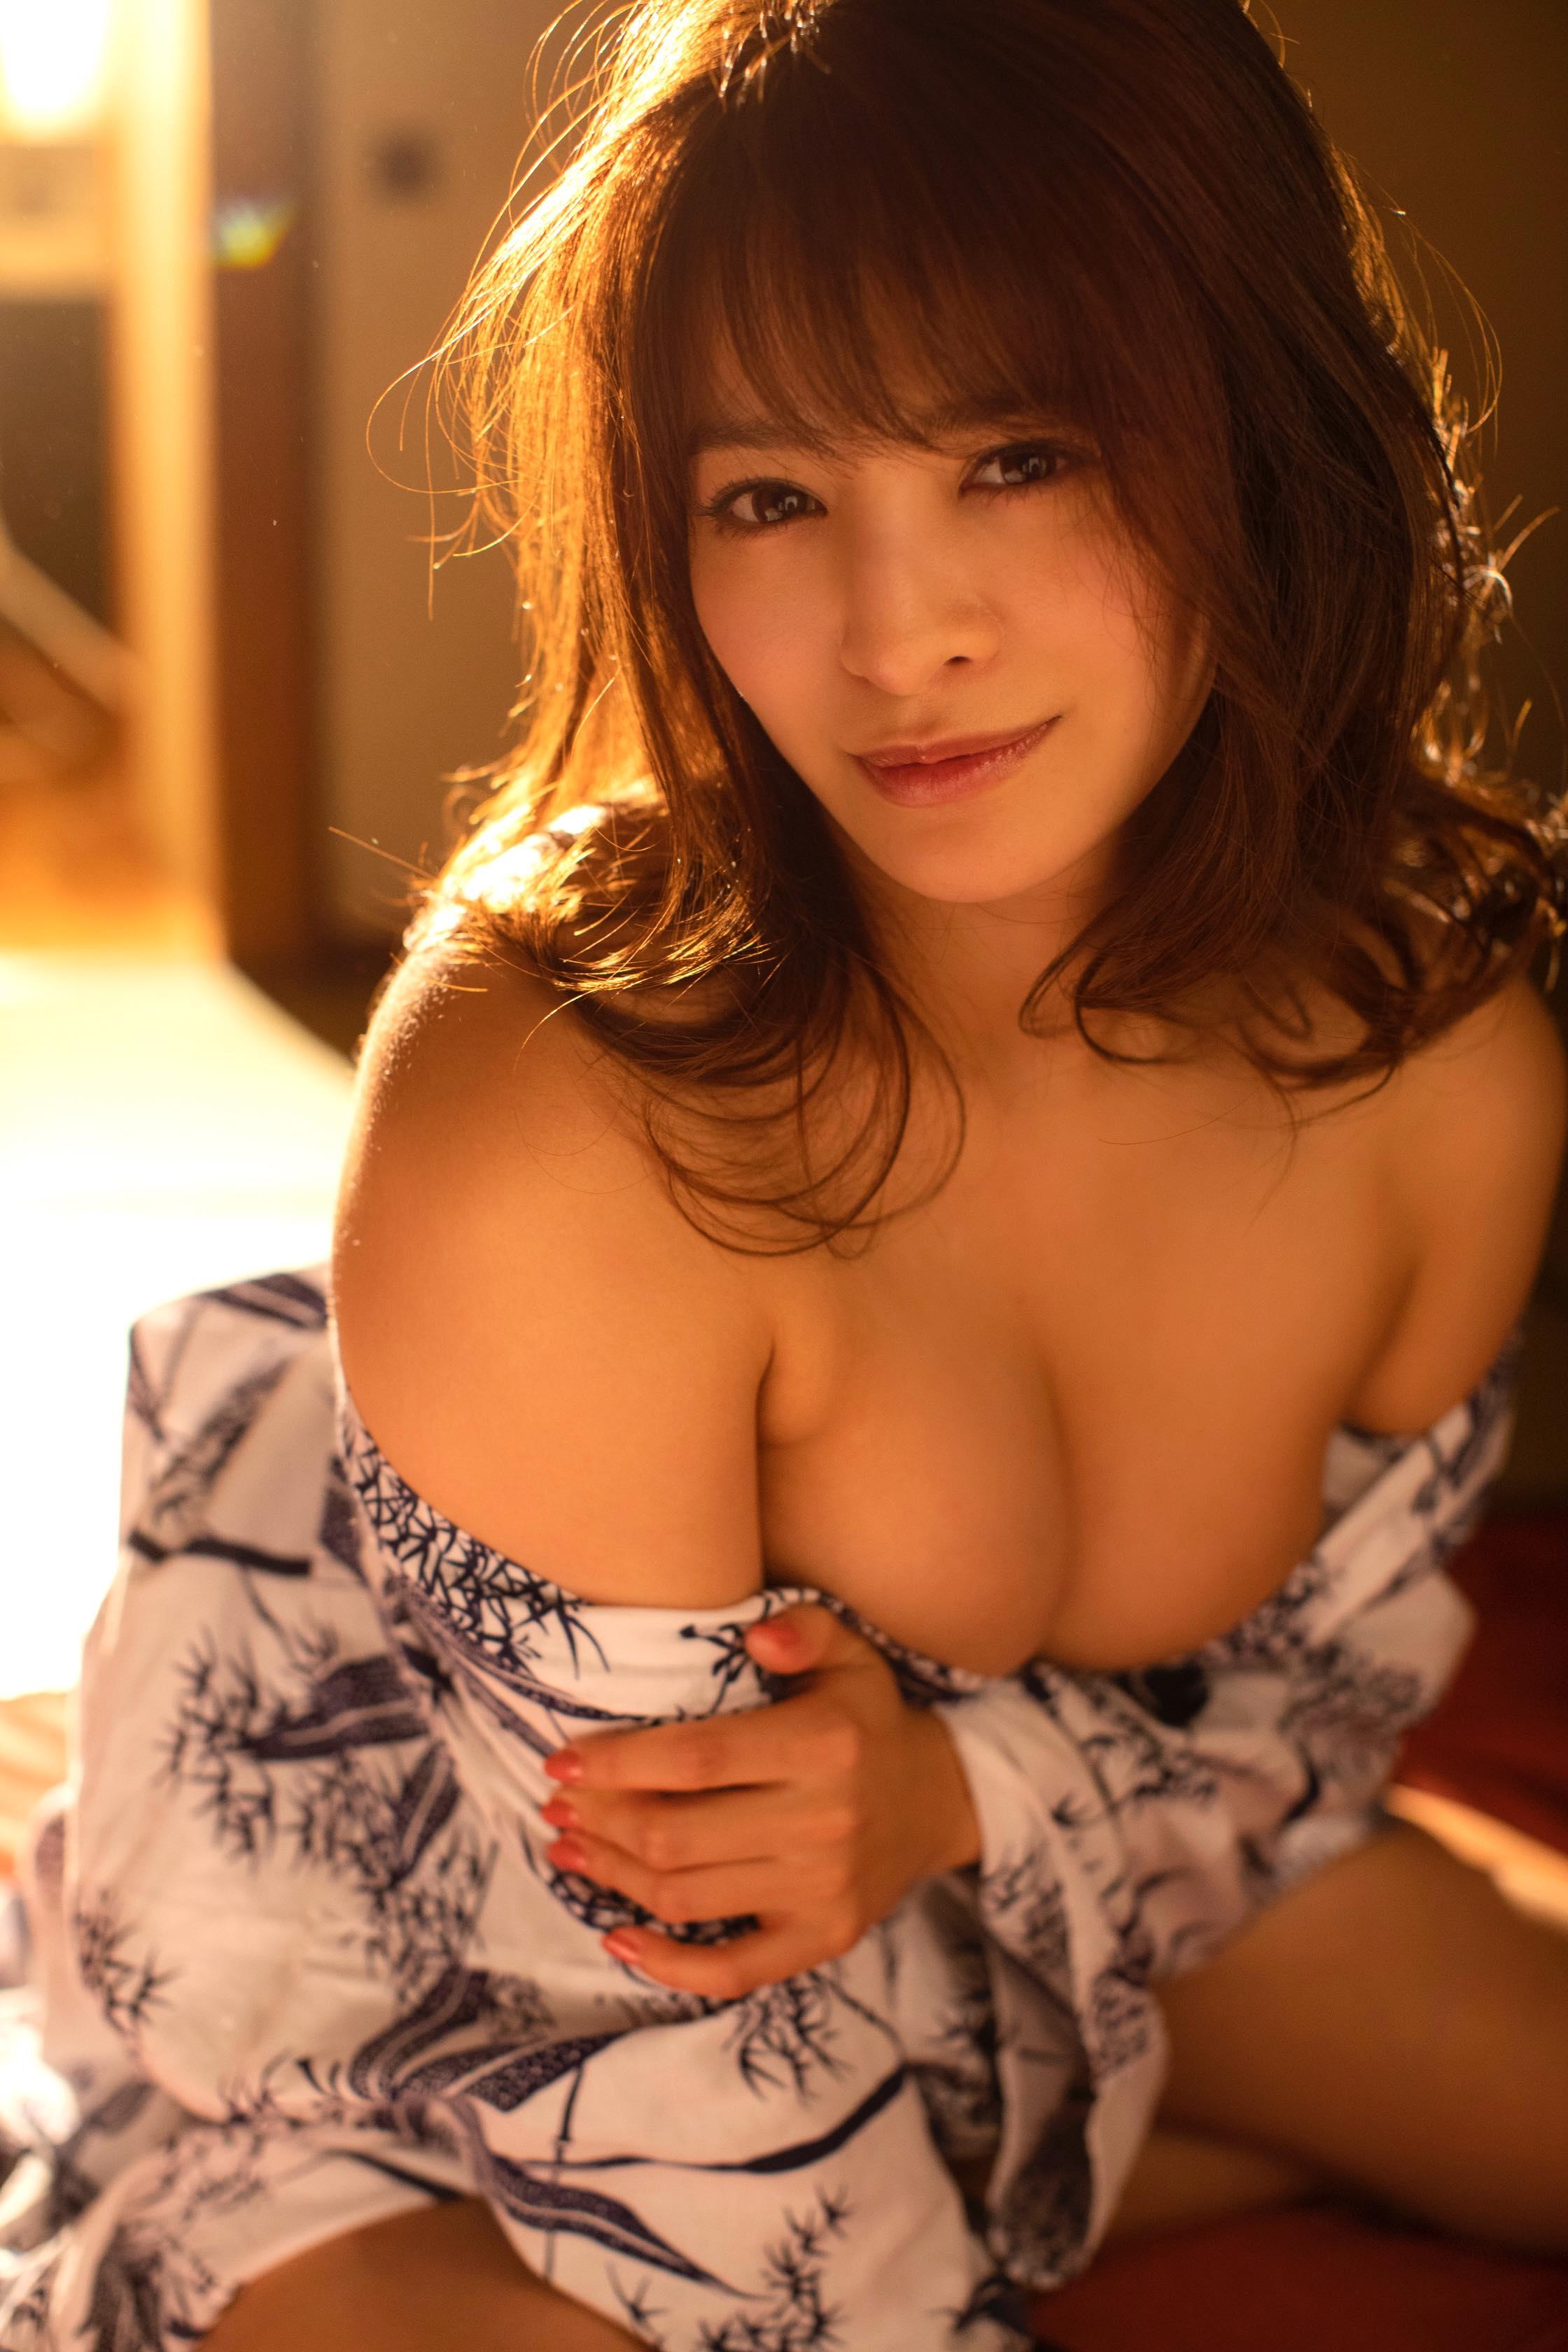 春菜めぐみ「浴衣をはだけて…」豊満ボディで誘惑!【写真22枚】の画像010